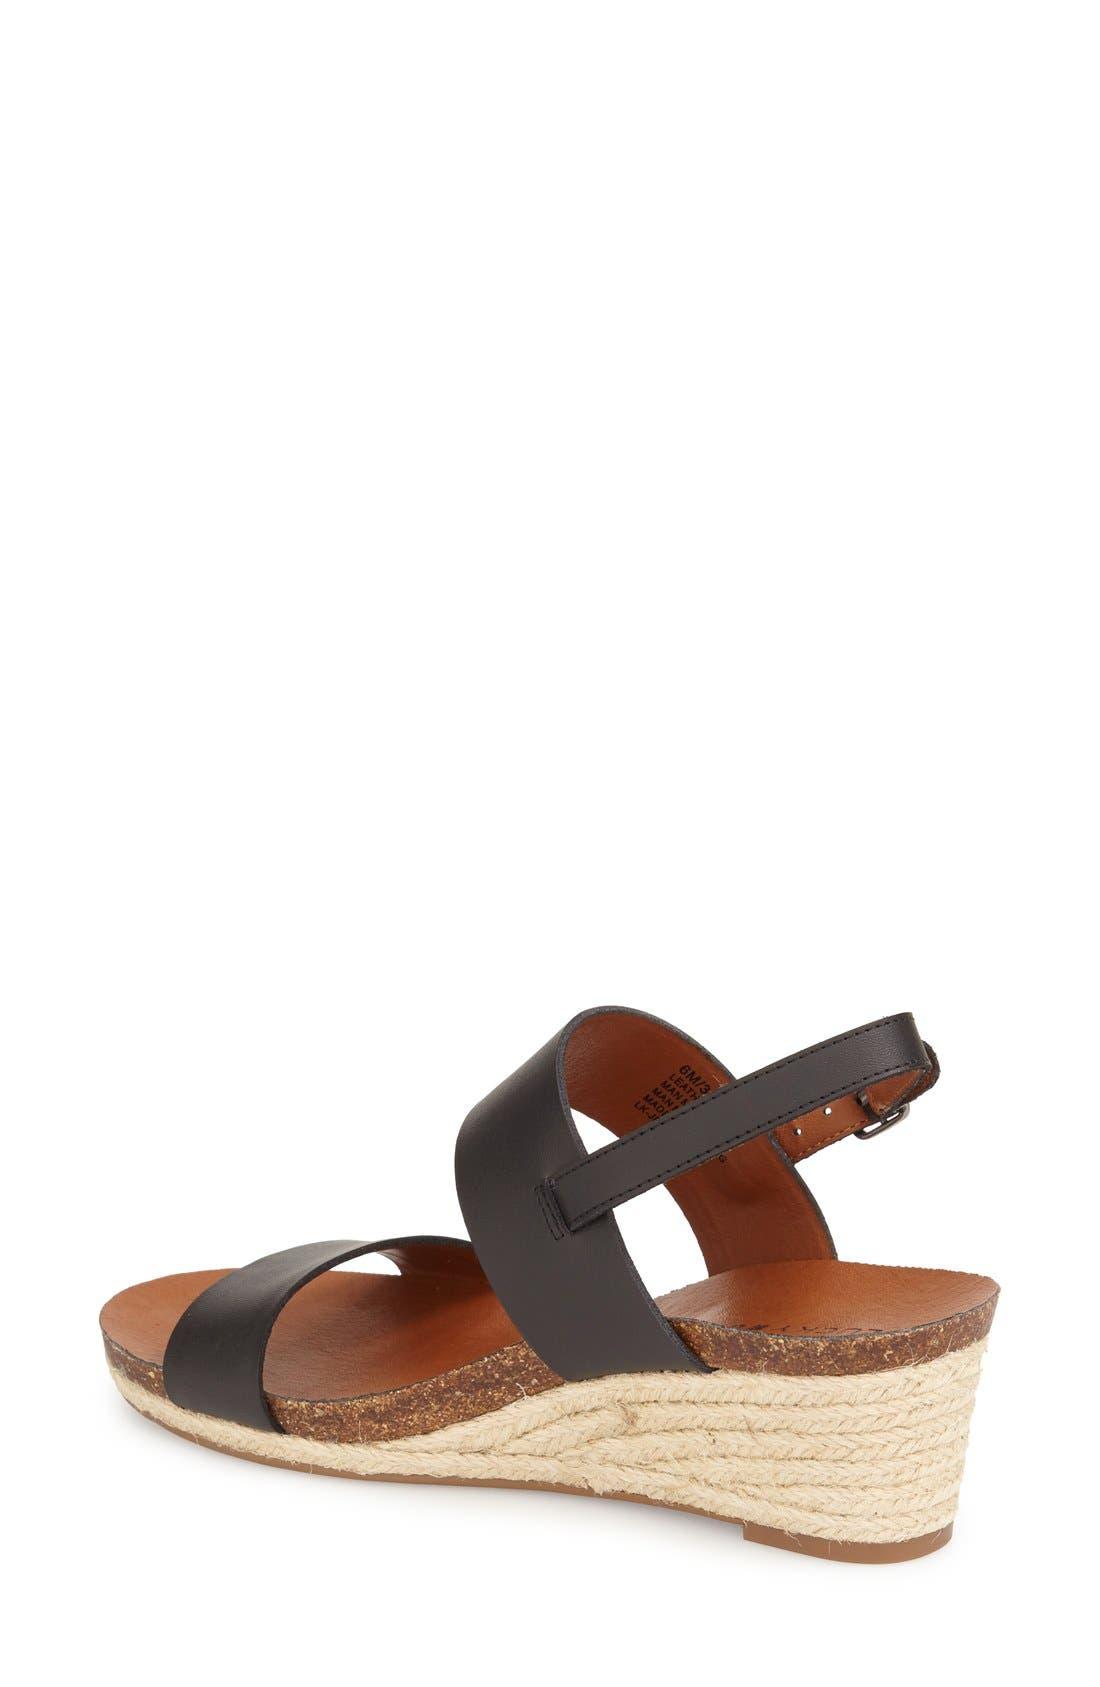 Alternate Image 2  - Lucky Brand 'Jette' Wedge Sandal (Women)